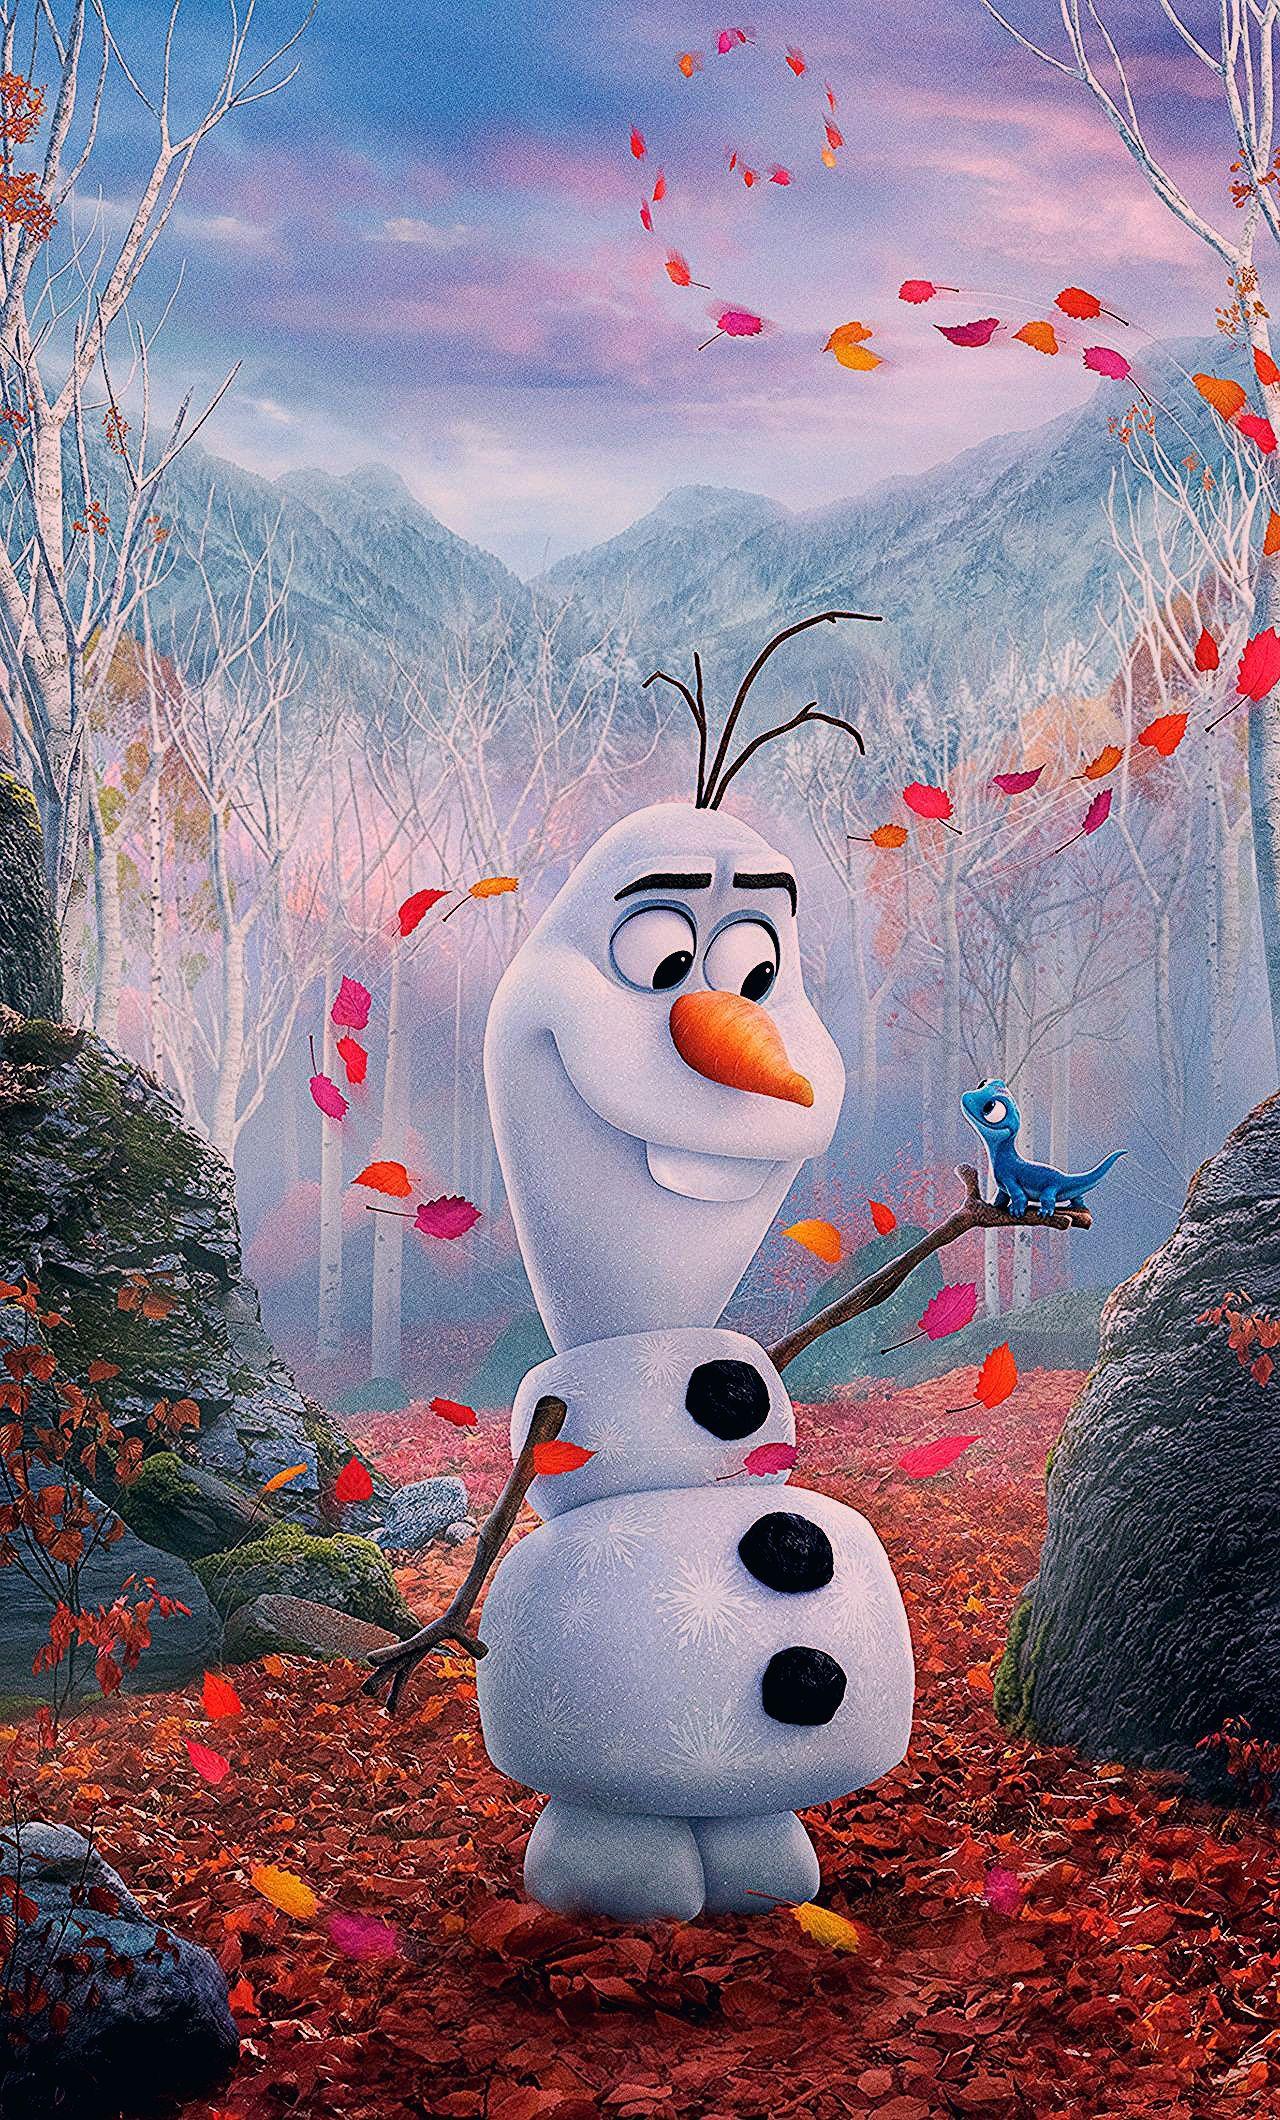 1280x2120 Happy Snowman, Olaf, Frozen 2, movie, 2019 wallpaper